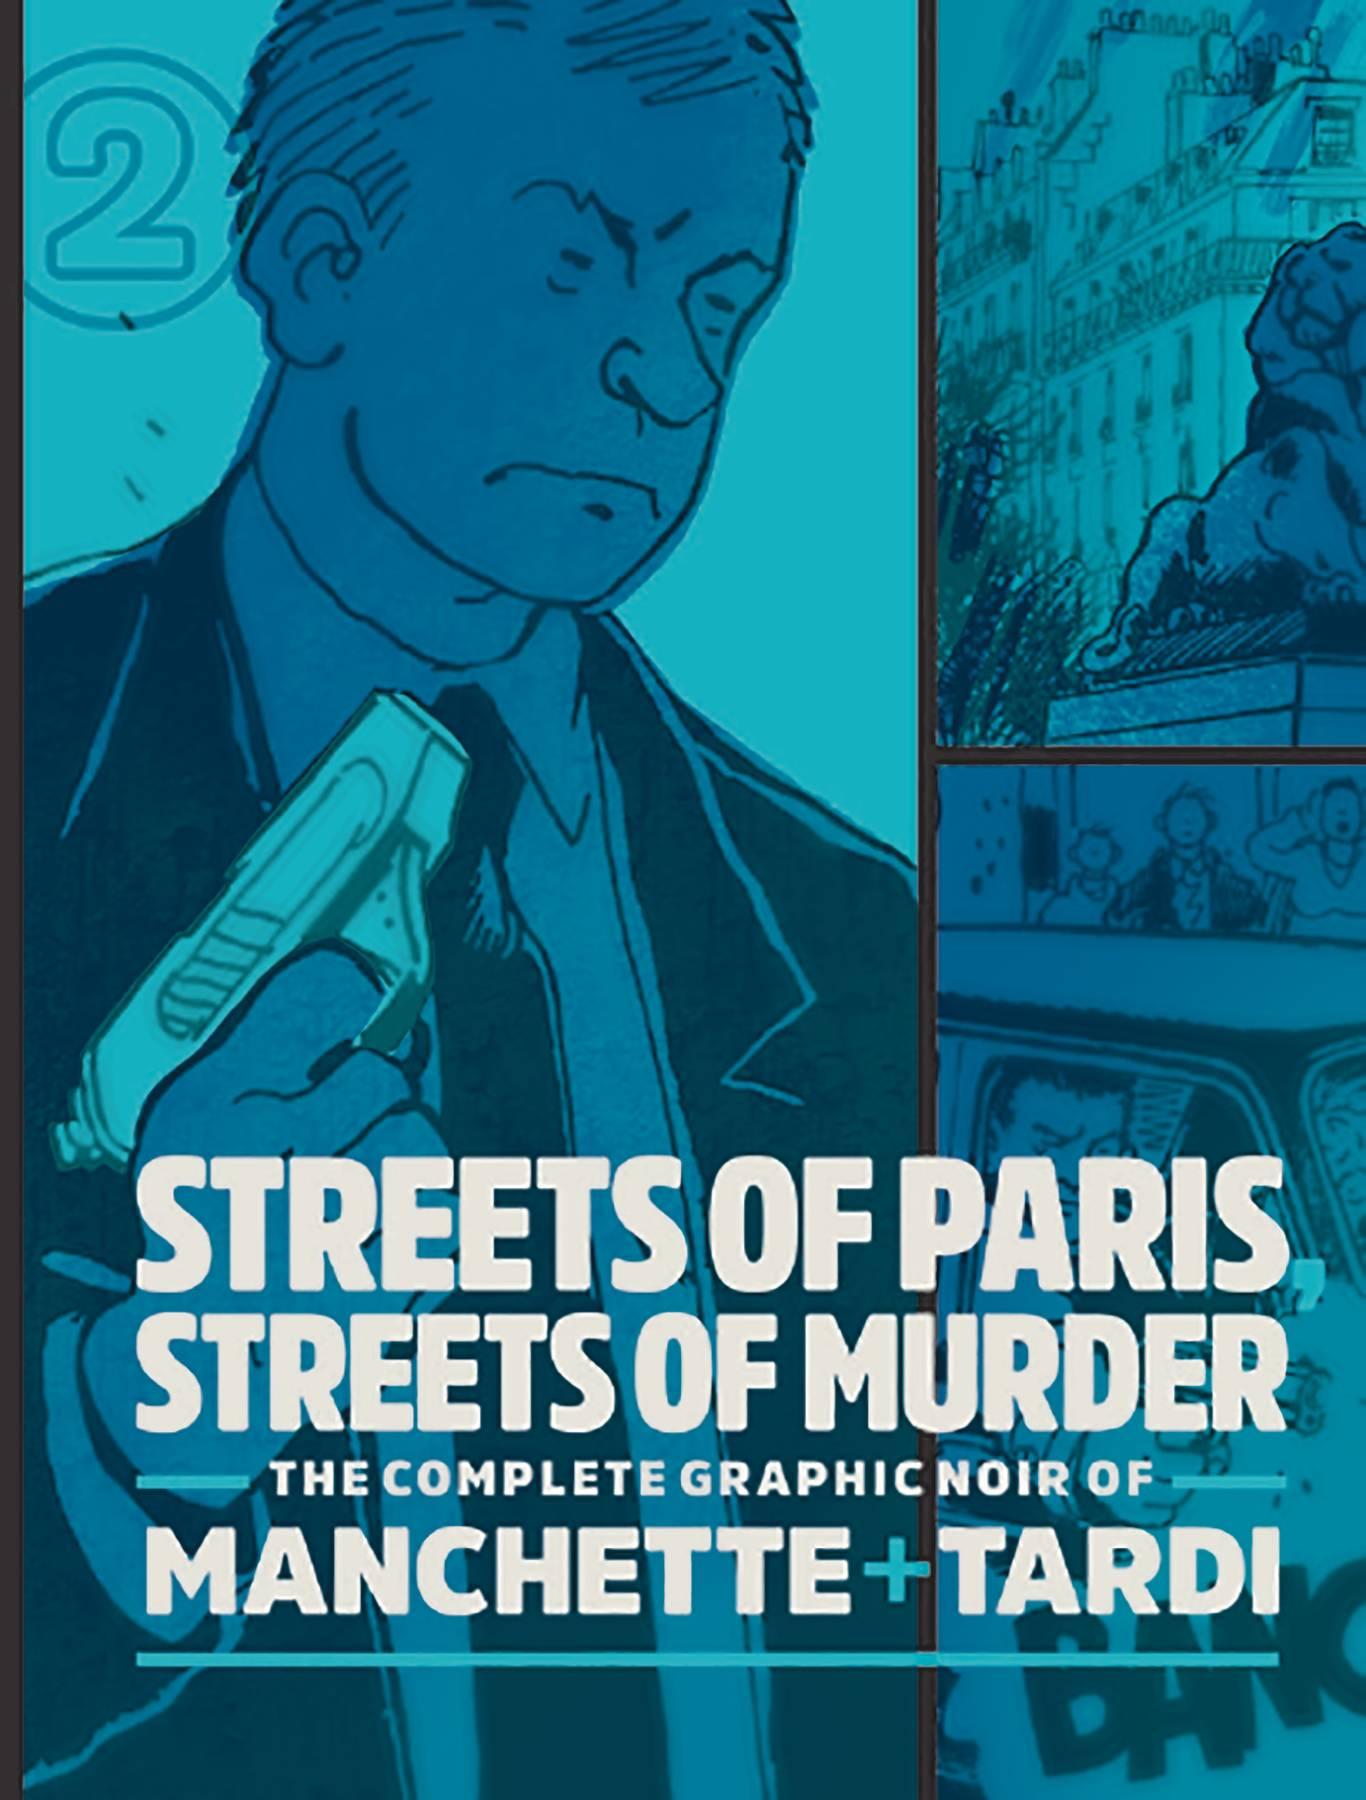 COMPLETE NOIR MANCHETTE TARDI HC 02 STREETS PARIS